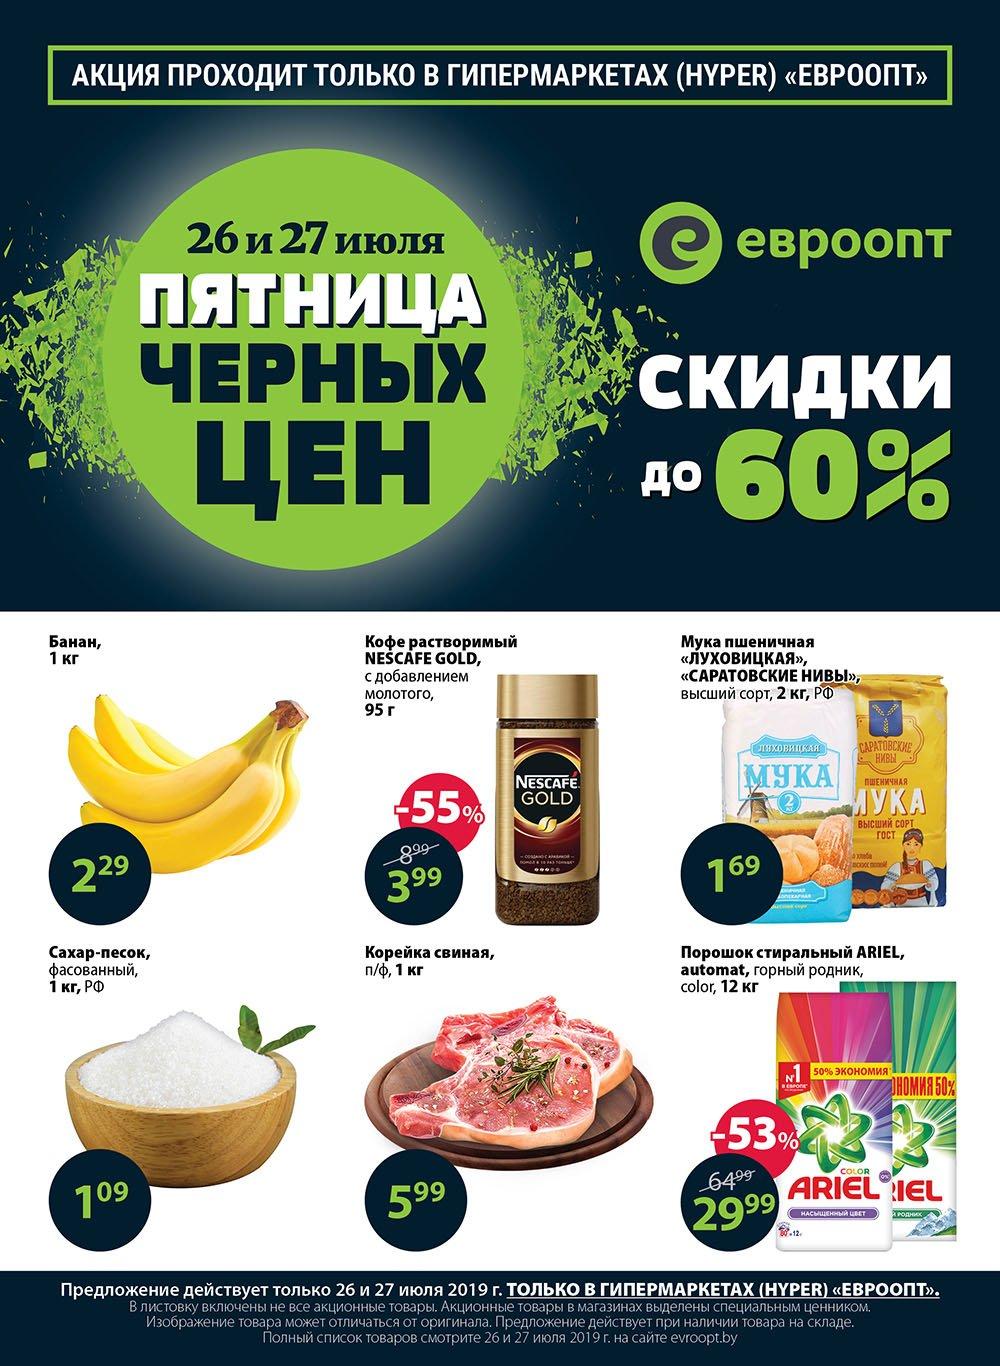 83299b47a0ff1 В акции НЕ УЧАСТВУЮТ магазины «Евроопт super» (++), «Евроопт market» (+) и  «Евроопт минимаркет». Список всех гипермаркетов «Евроопт hyper», где  проходит ...